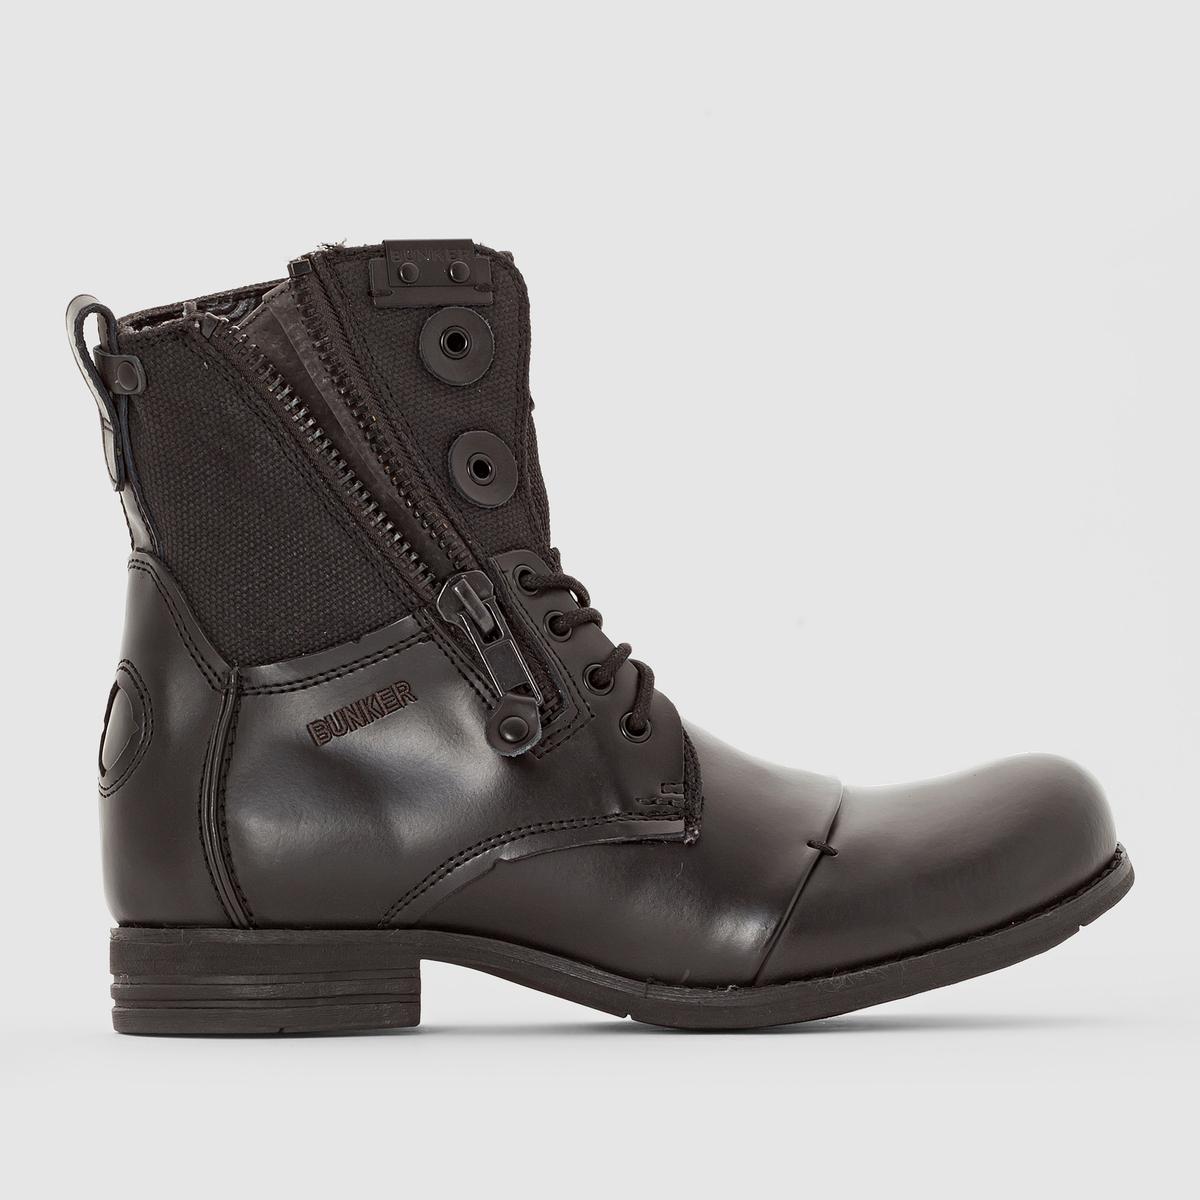 Ботинки, PORВерх/Голенище: Яловичная кожа. Подкладка: Ткань.Стелька: Кожа.                 Подошва: Каучук.                 Высота голенища: 20 см.Форма каблука: Плоская.Мысок: Круглый.     Застежка: На молнию.<br><br>Цвет: черный<br>Размер: 43